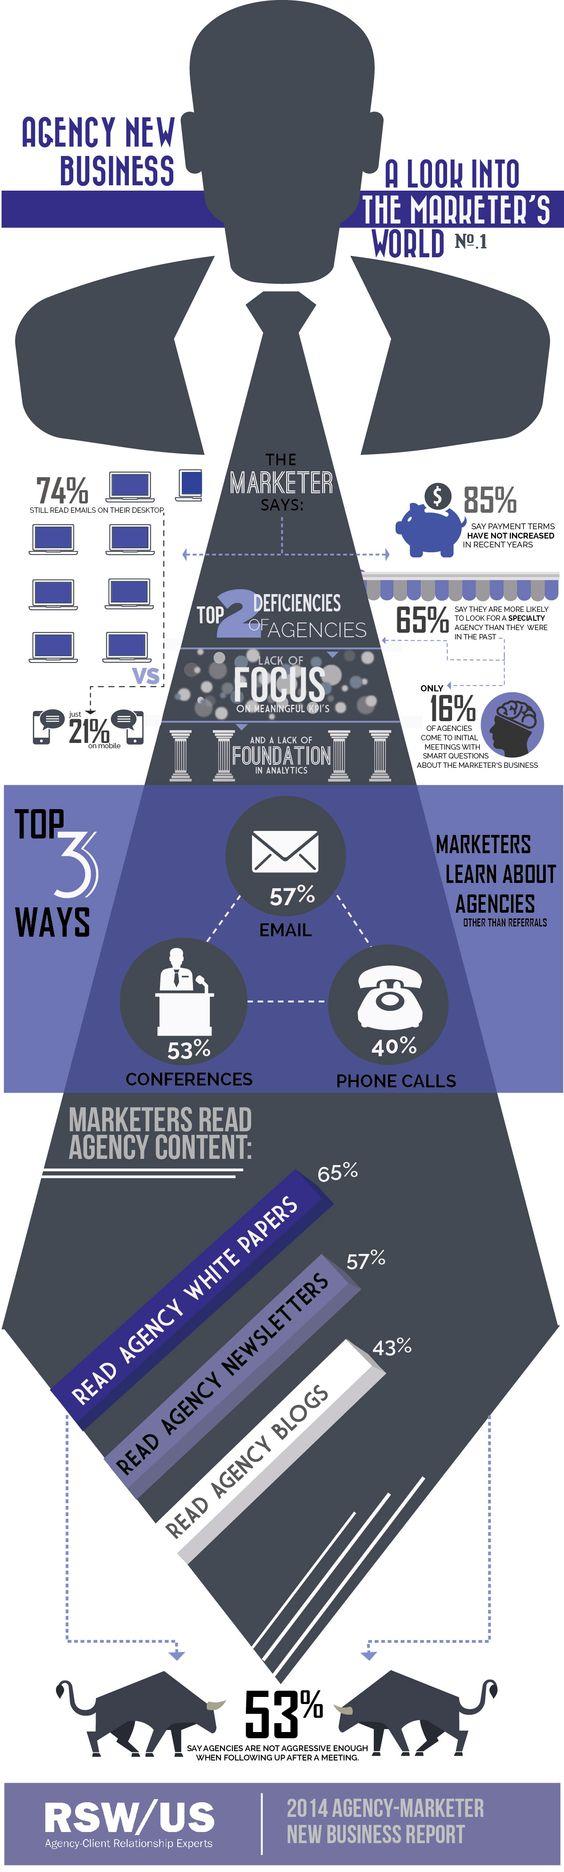 Estudo da RSW/US aponta as principais deficiências das agências digitais : #marketing #digital : goo.gl/GOfDCv